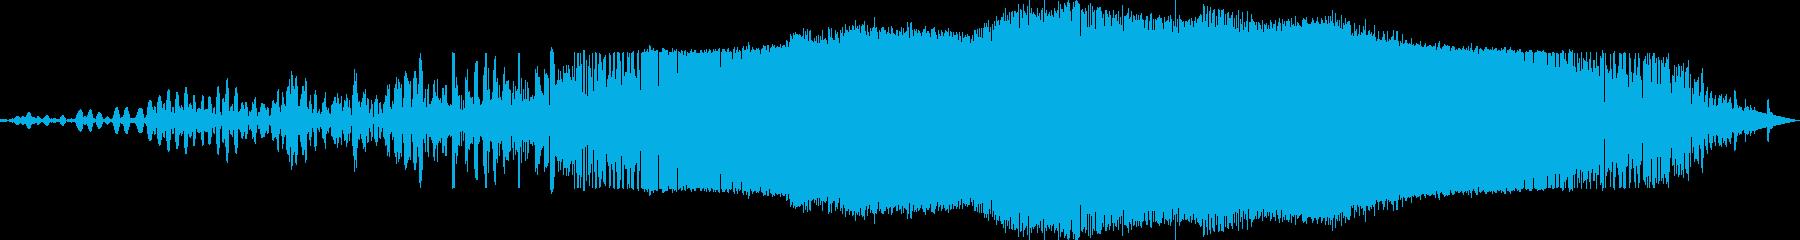 もわーんぎゅーんの再生済みの波形